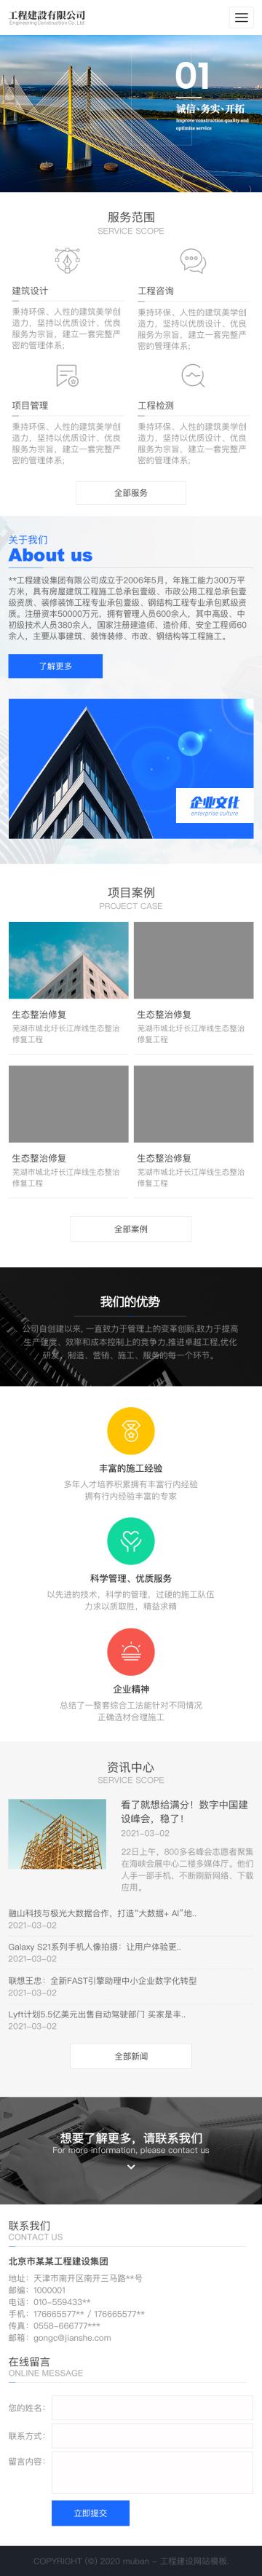 优选工程承包手机网站模板